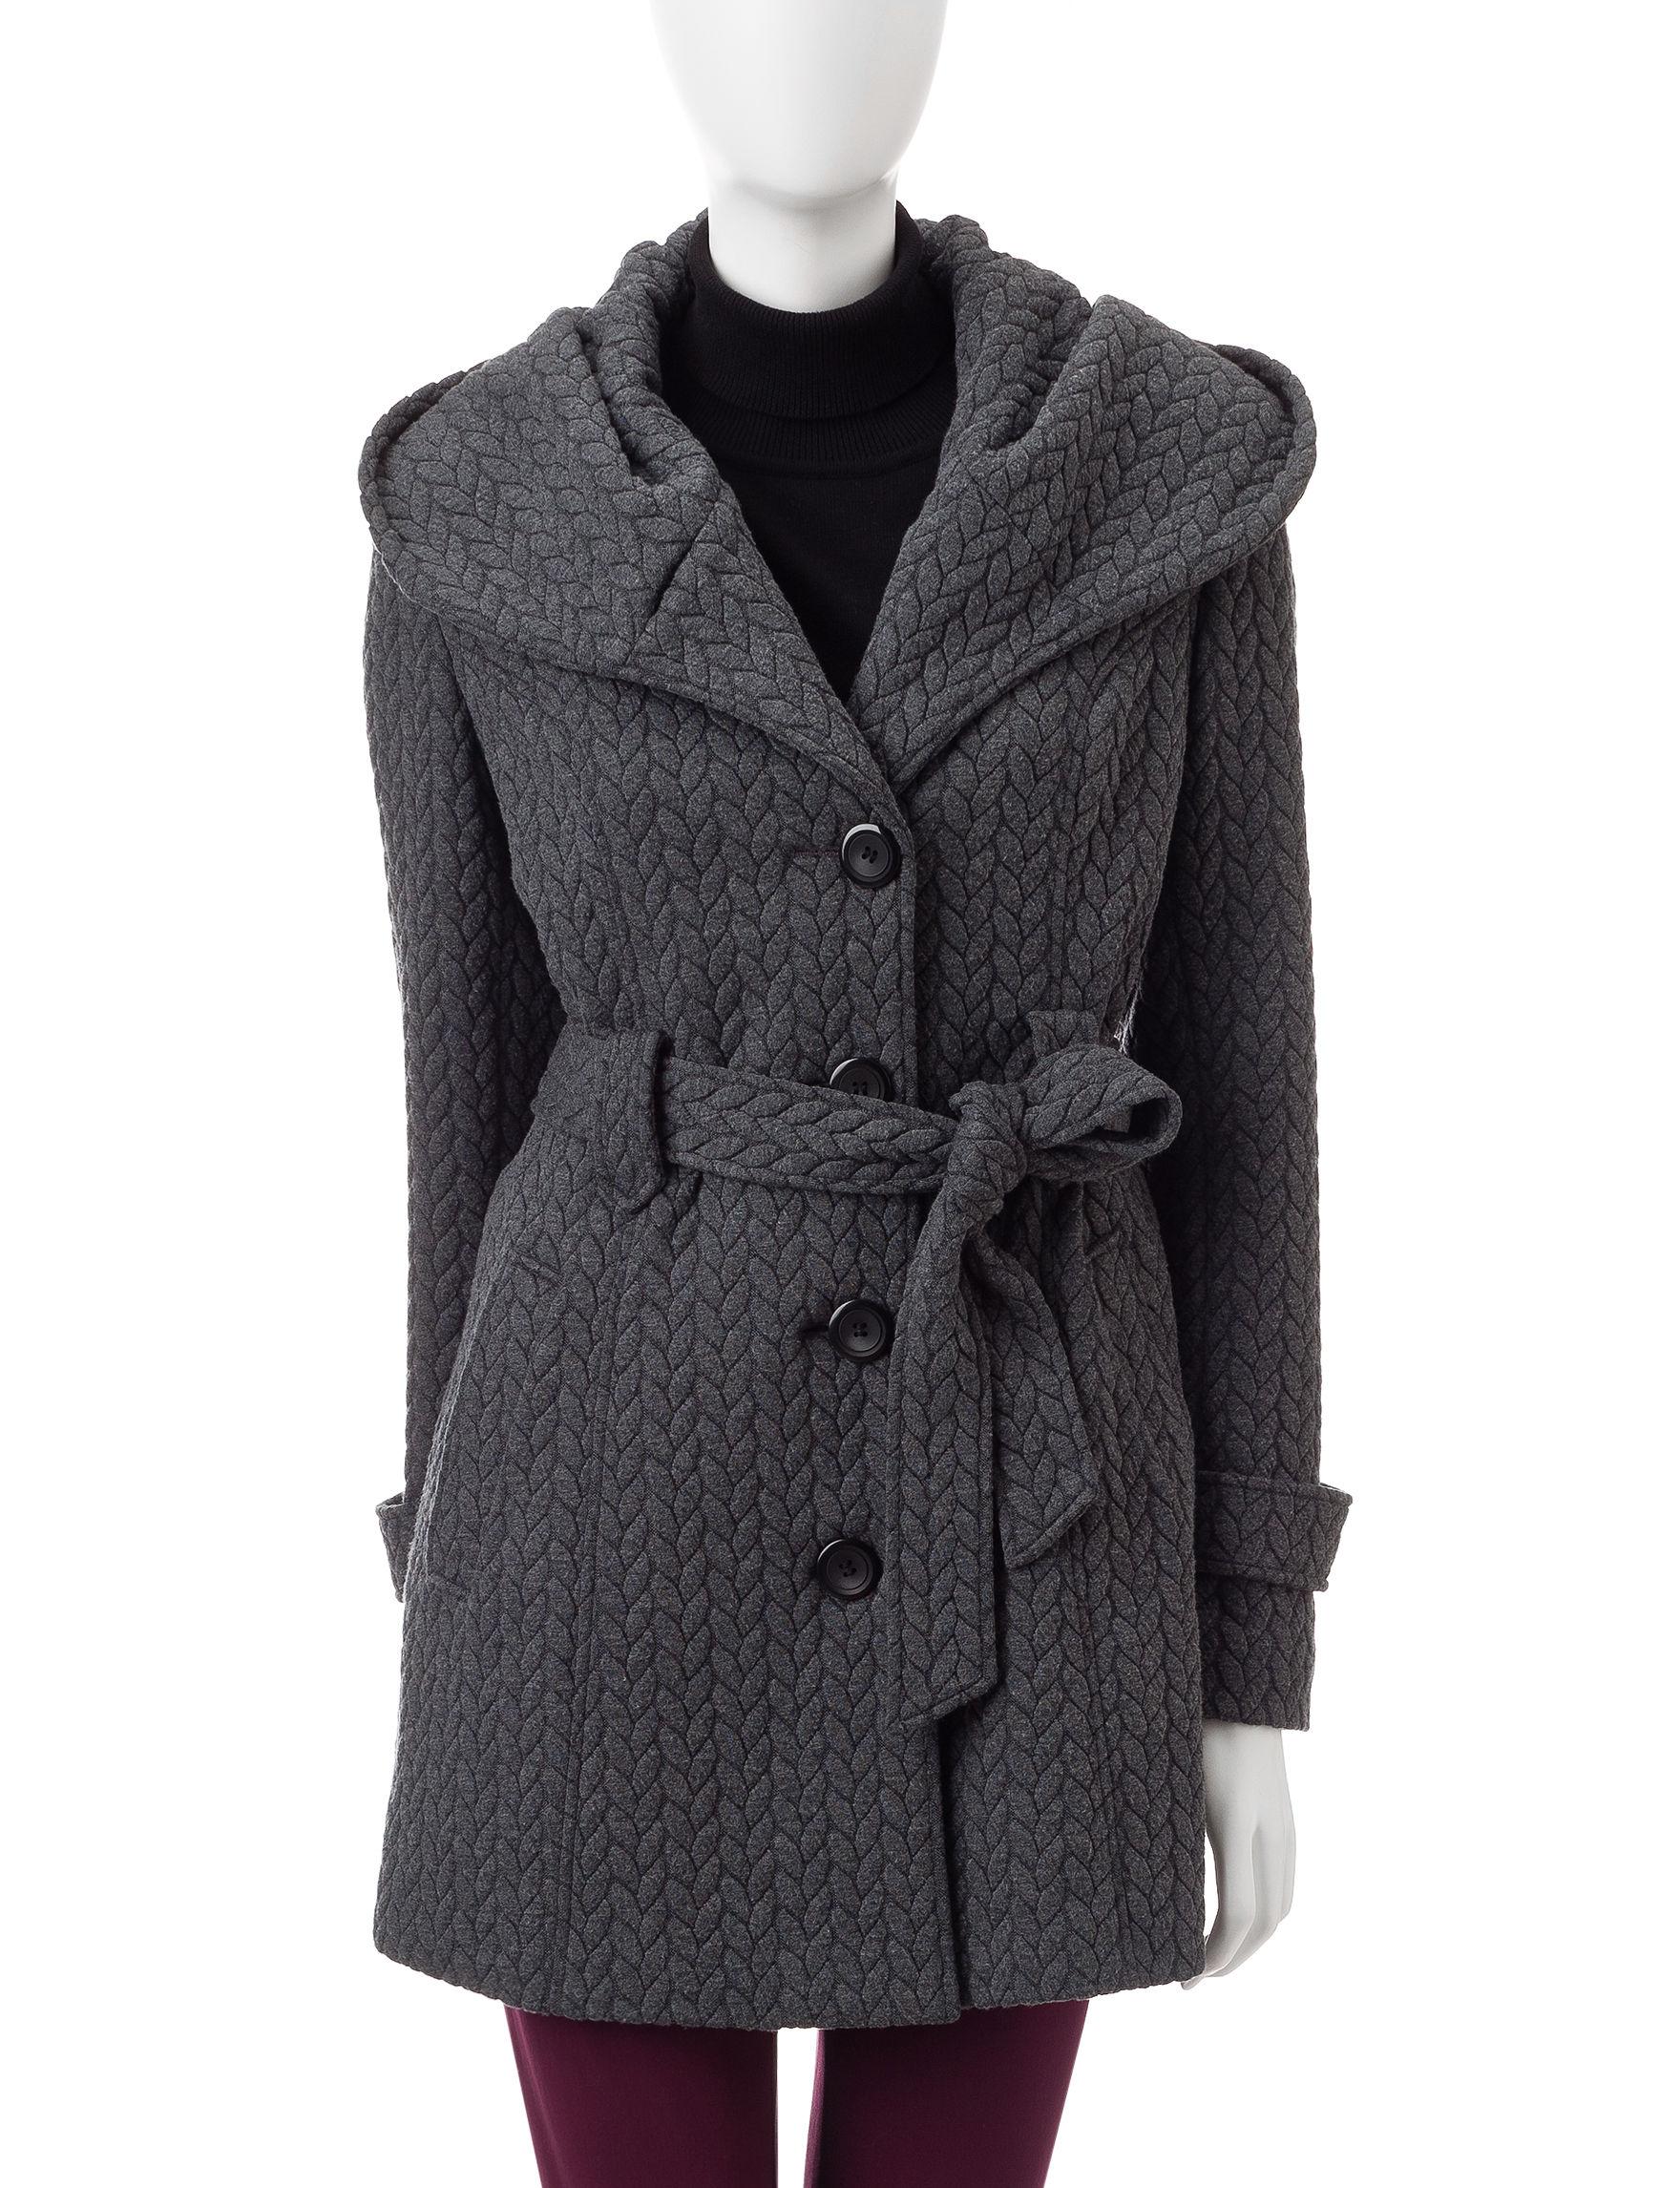 Gallery Charcoal Peacoats & Overcoats